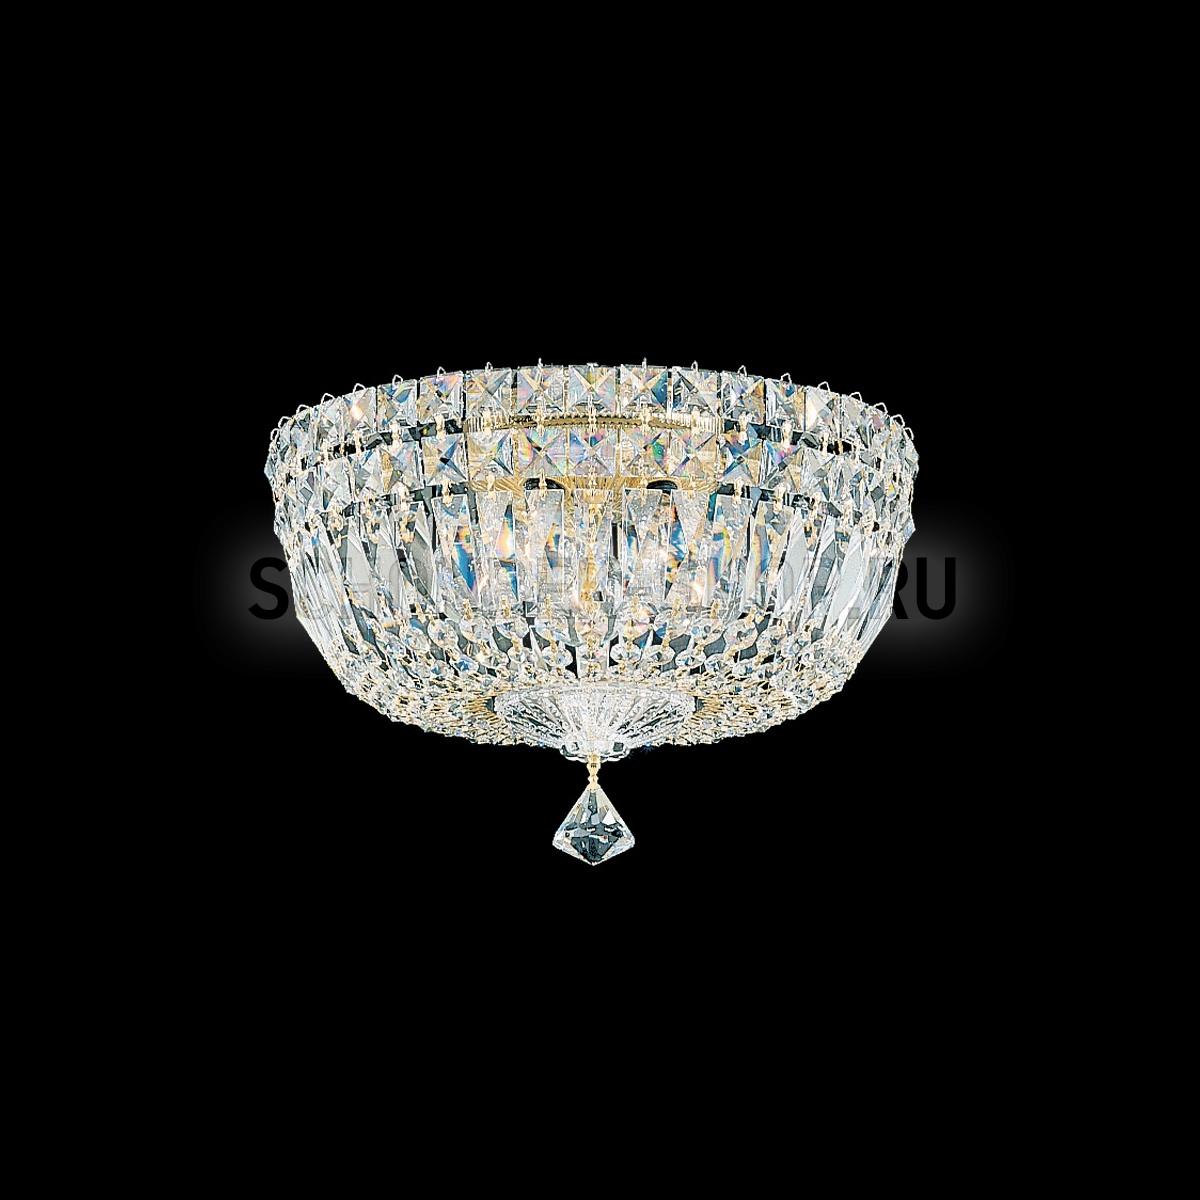 Фотография 1 - Светильник Schonbek Petit Crystal Deluxe 5892